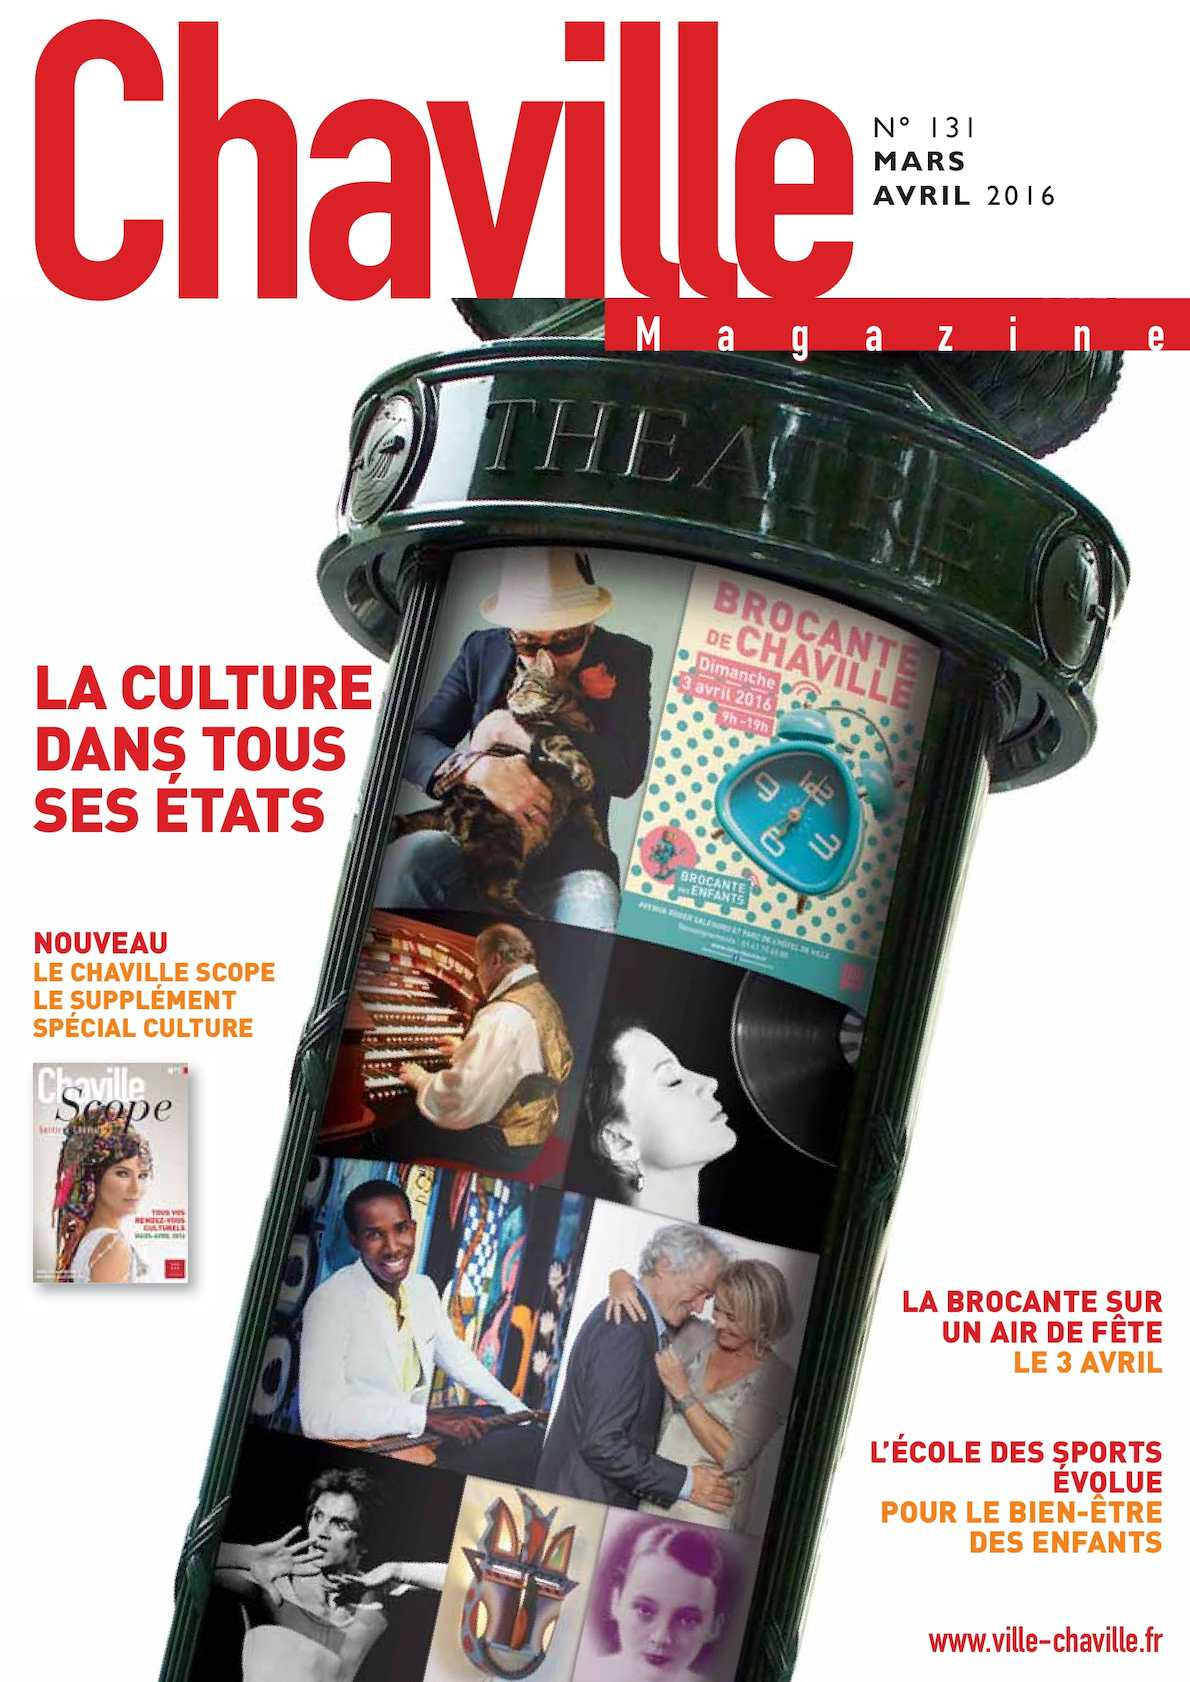 Les Sens Du Bien Etre Chaville calaméo - chaville magazine 131